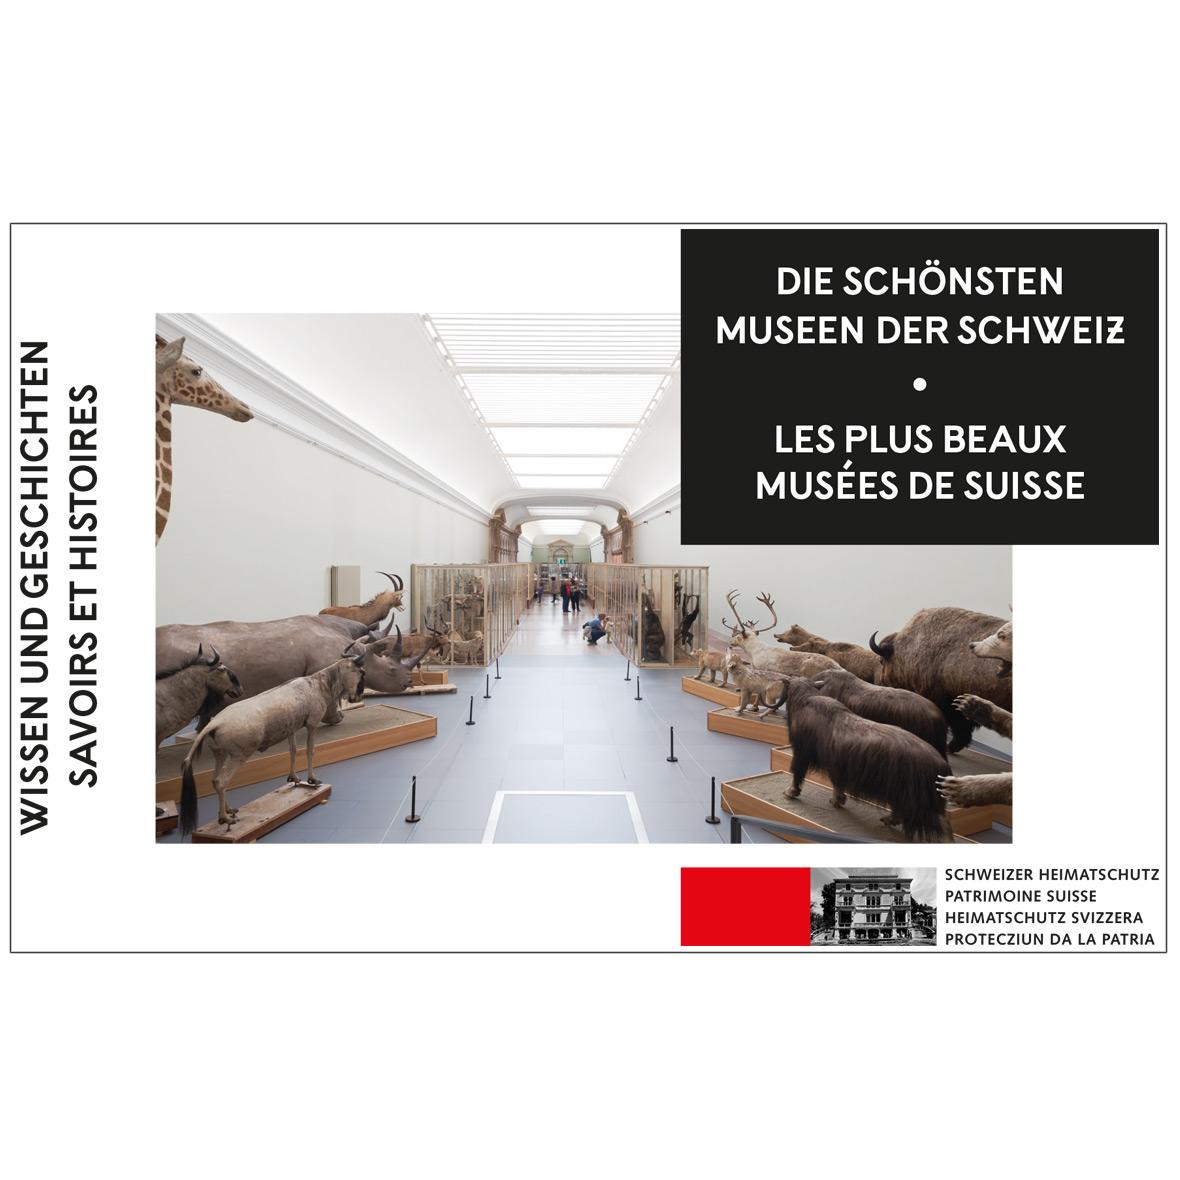 Die schönsten Museen der Schweiz, Handbuch